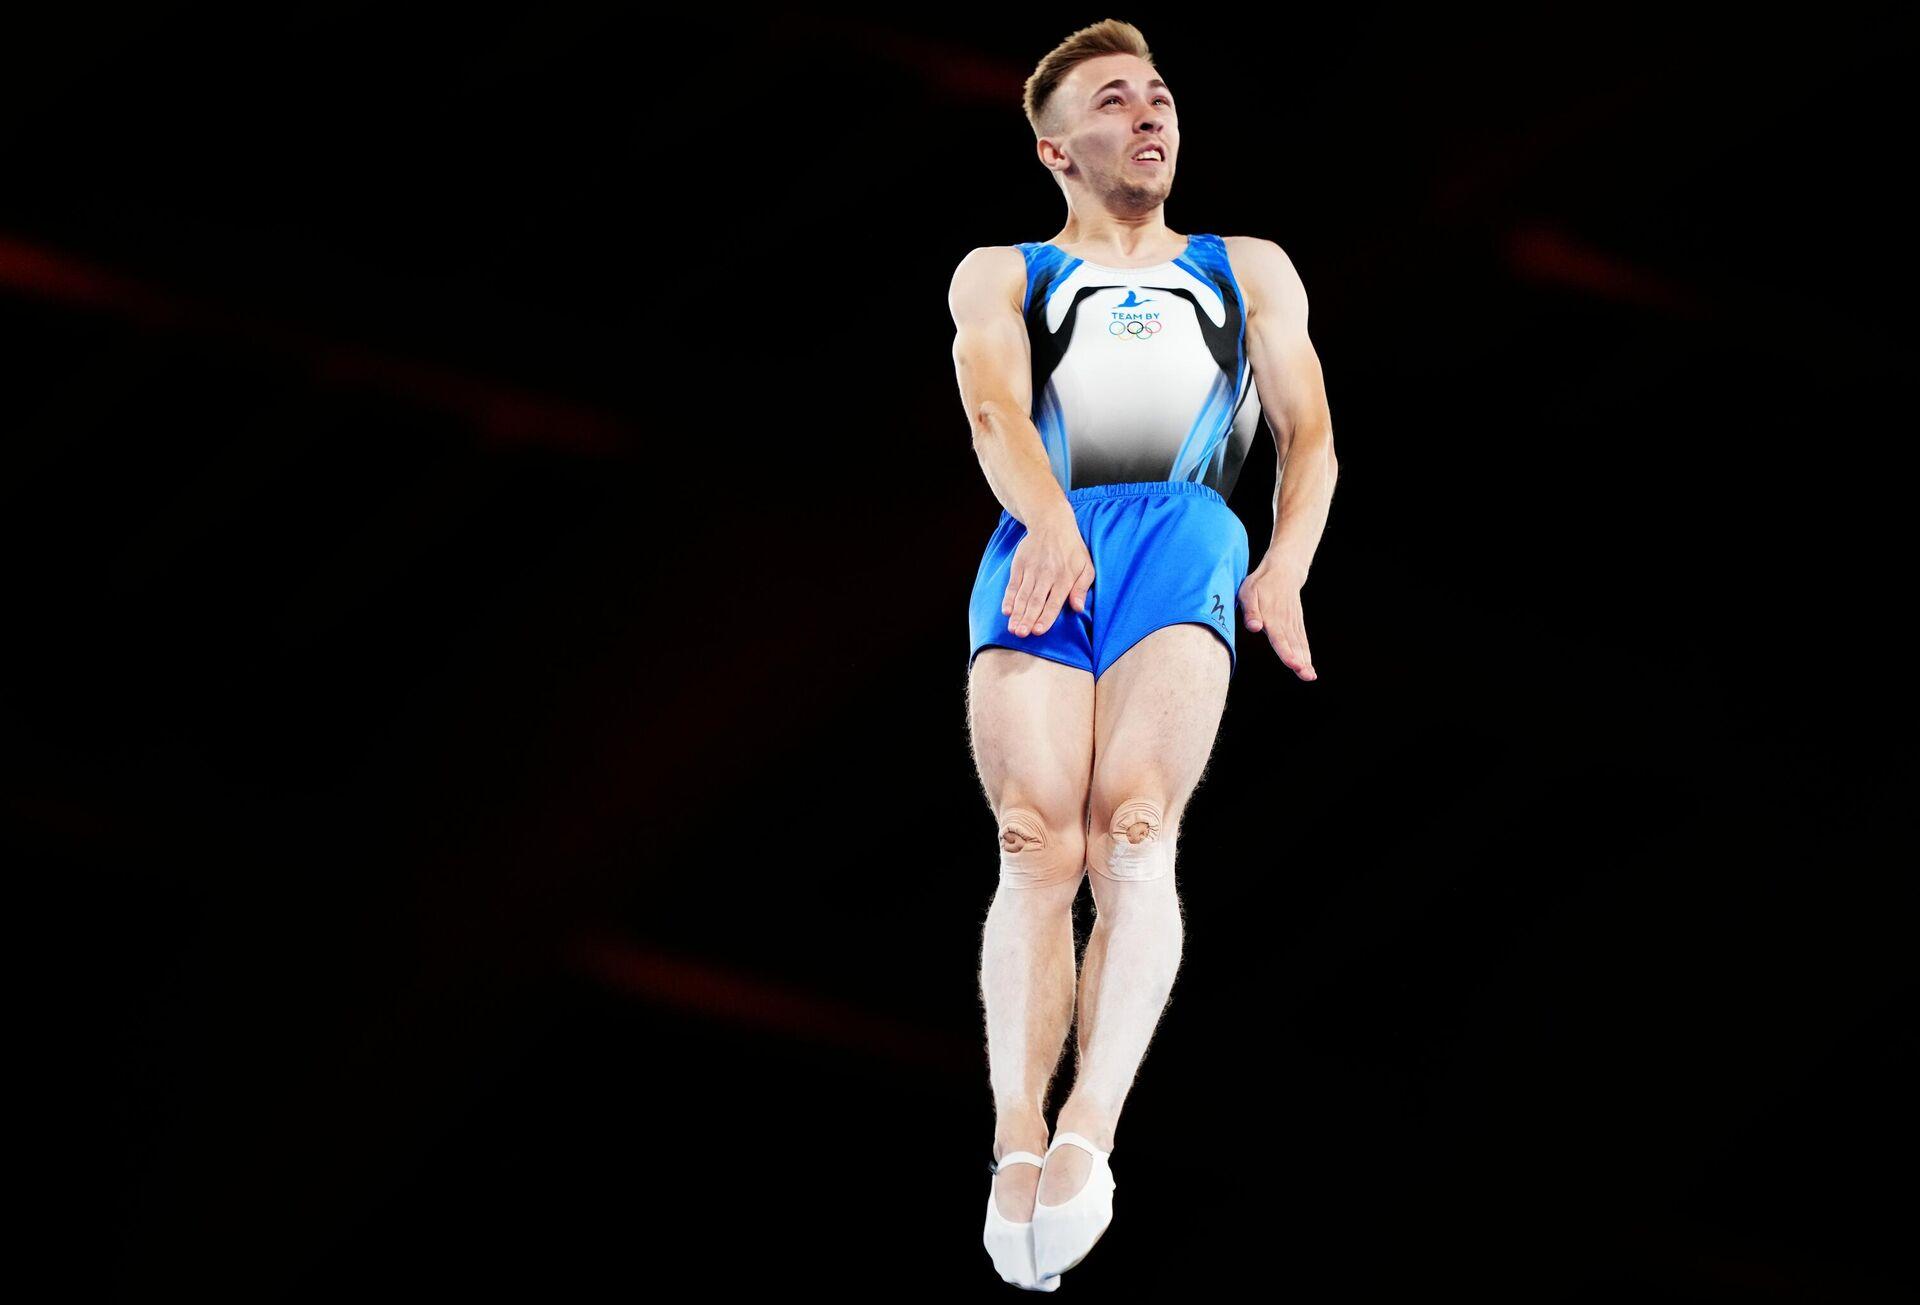 Иван Литвинович (Белоруссия) выступает в финальных соревнованиях в индивидуальных прыжках - Sputnik Таджикистан, 1920, 09.08.2021